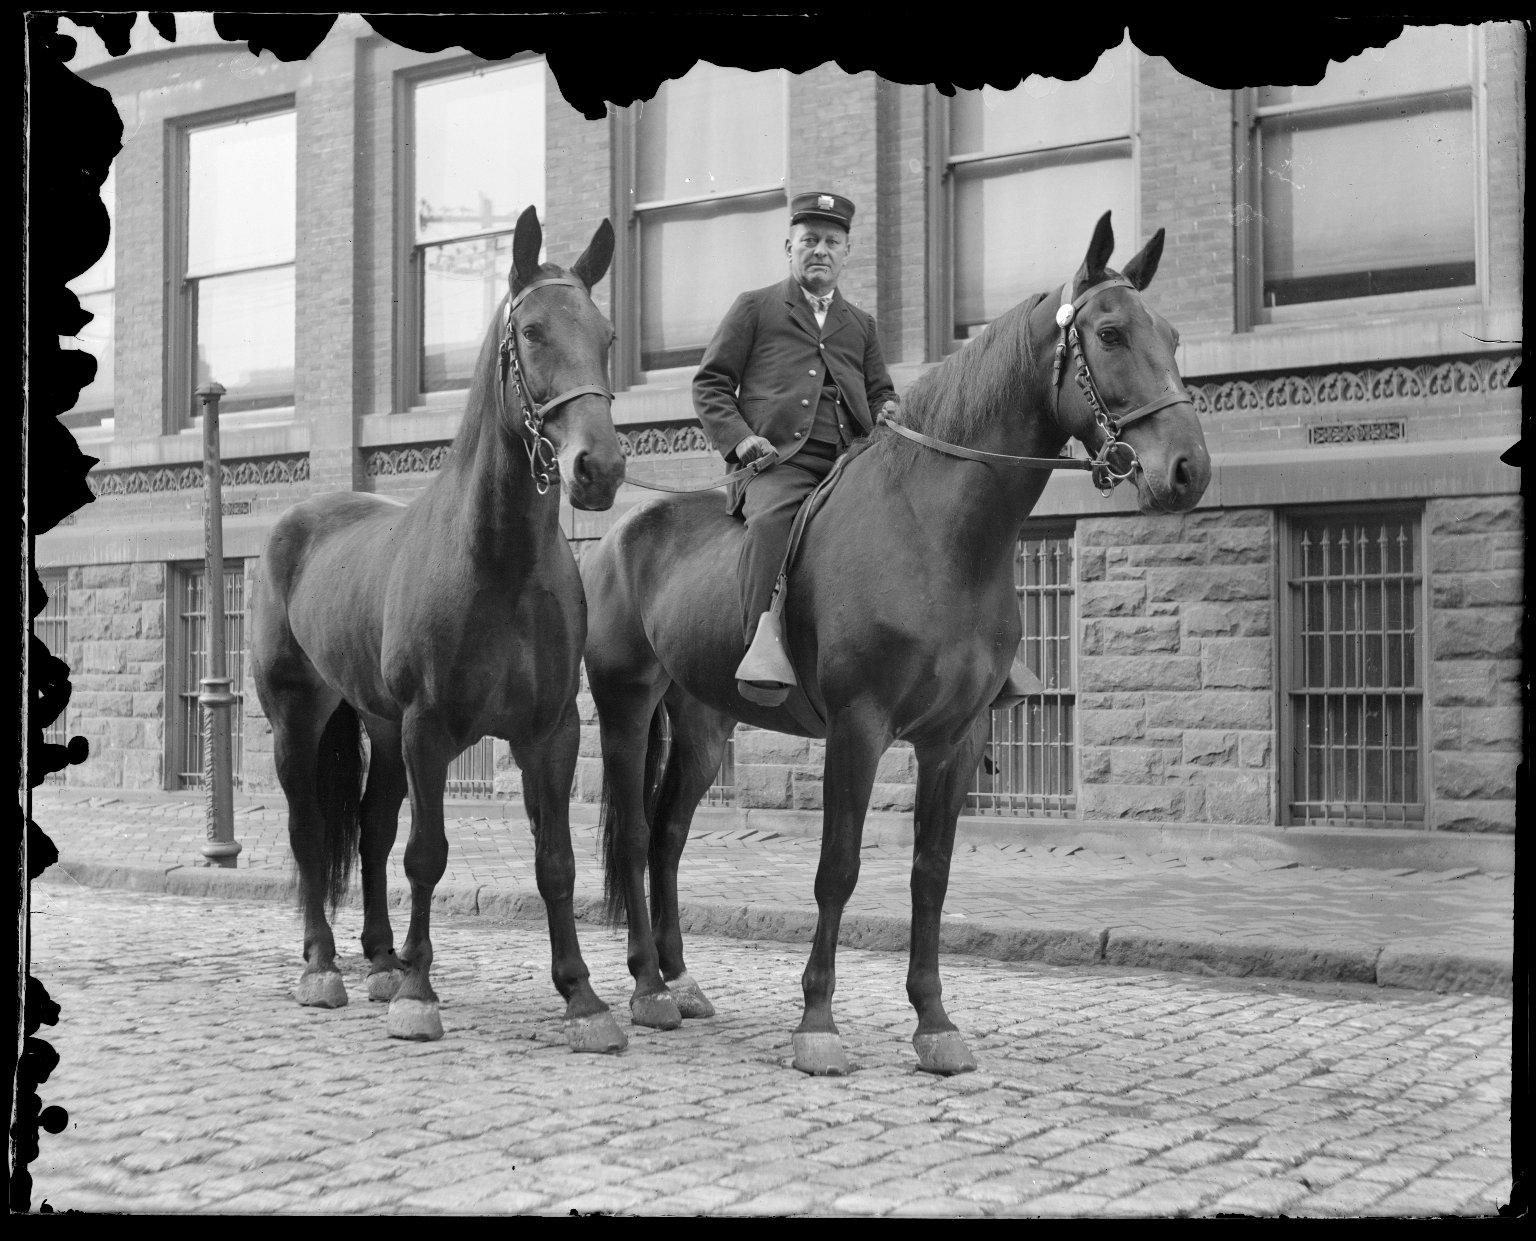 Команда перевозки рукавов пожарного депо № 11, Нью-Йорк, США. Начало 20 века